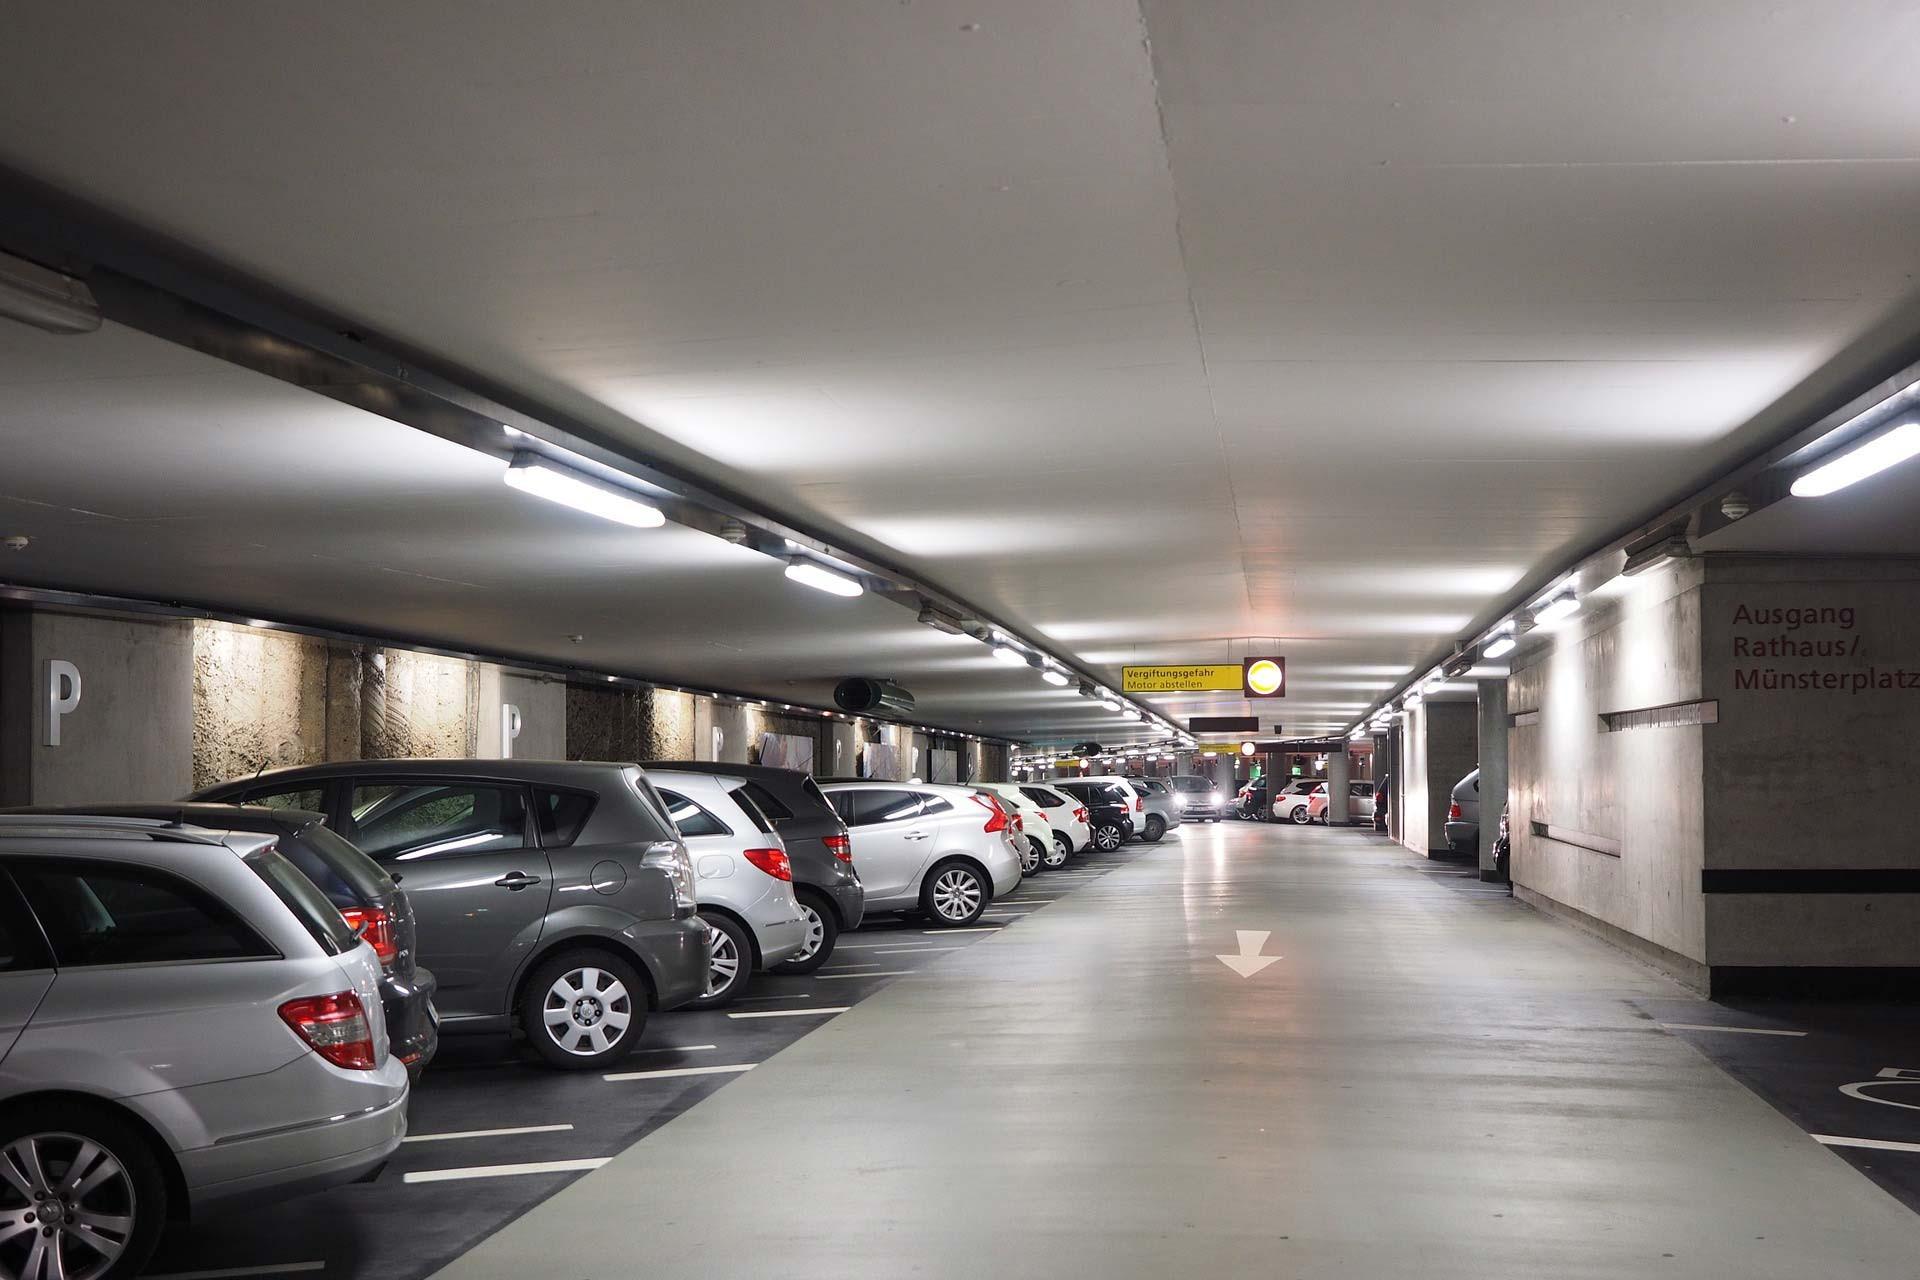 Parking, car parks